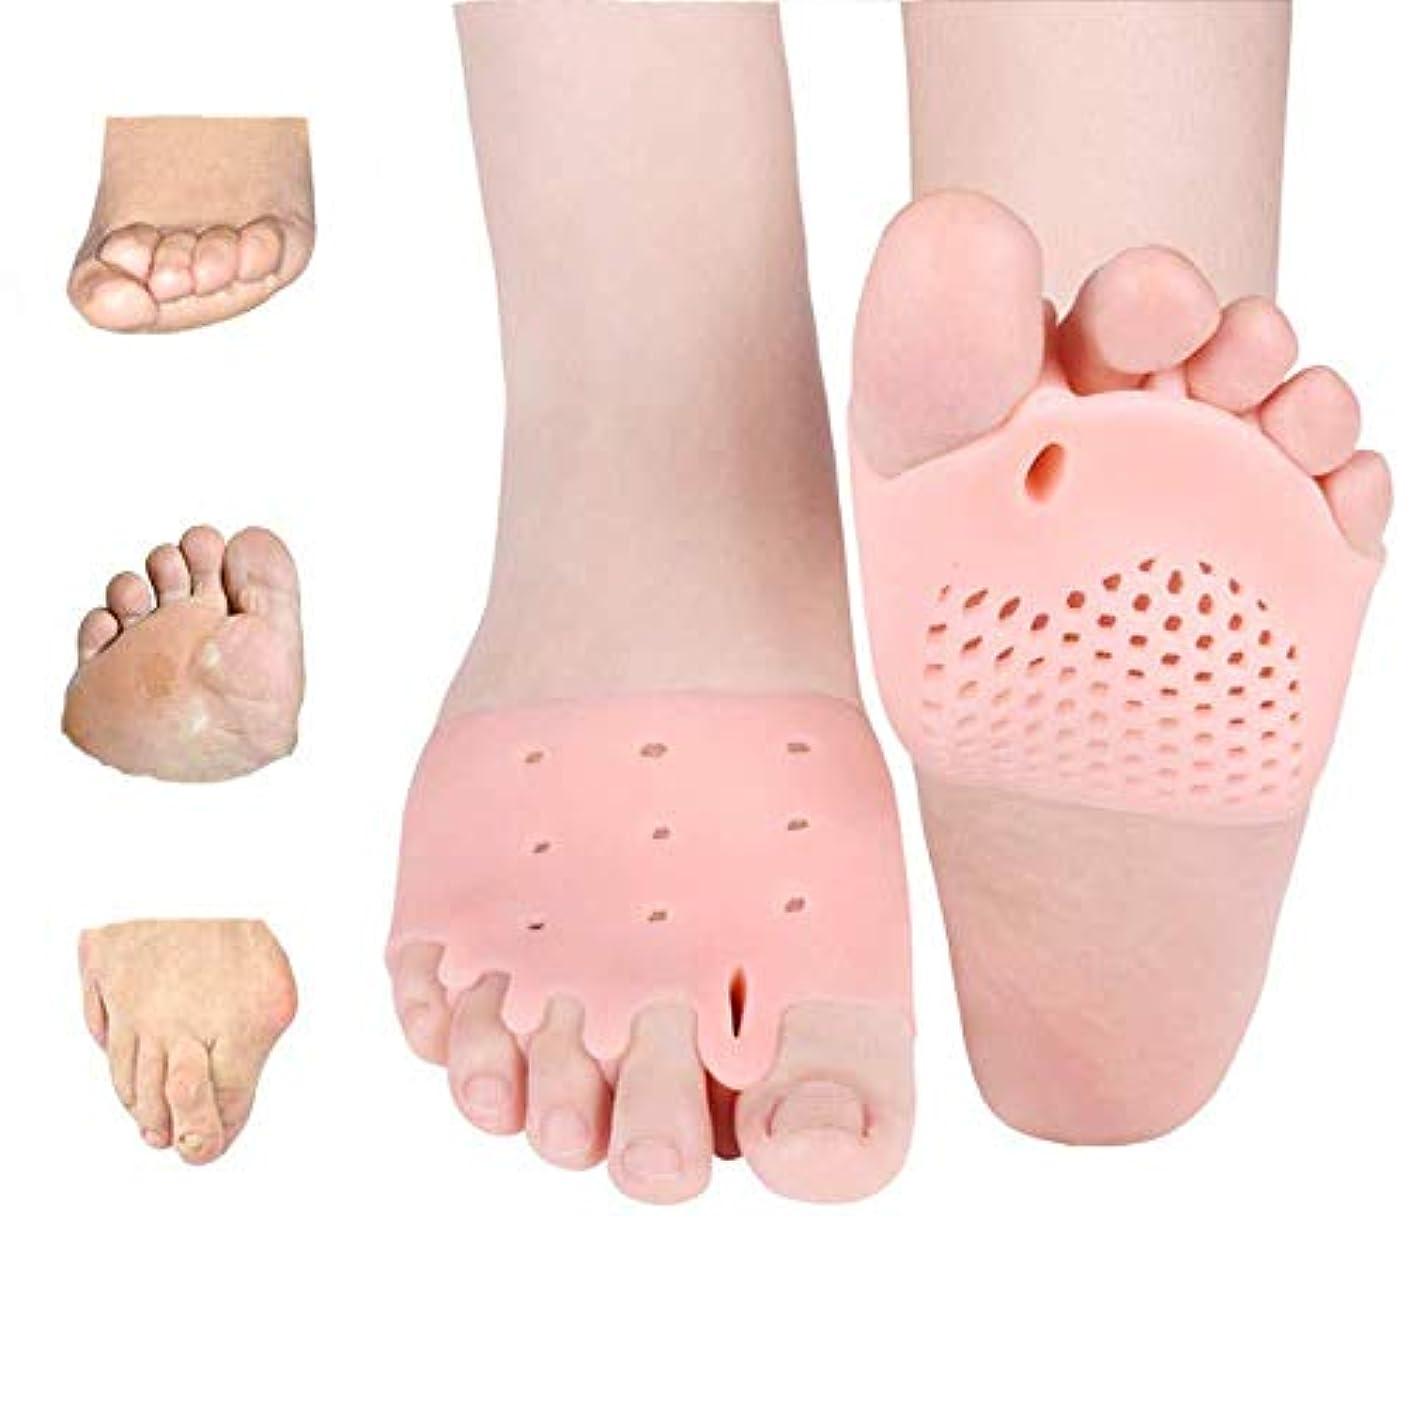 少数代替案満了親指の炎症、つま先セパレーターキット-ナイトバニオンの外反母hallスプリントと外反母ofの緩和-男性と女性用